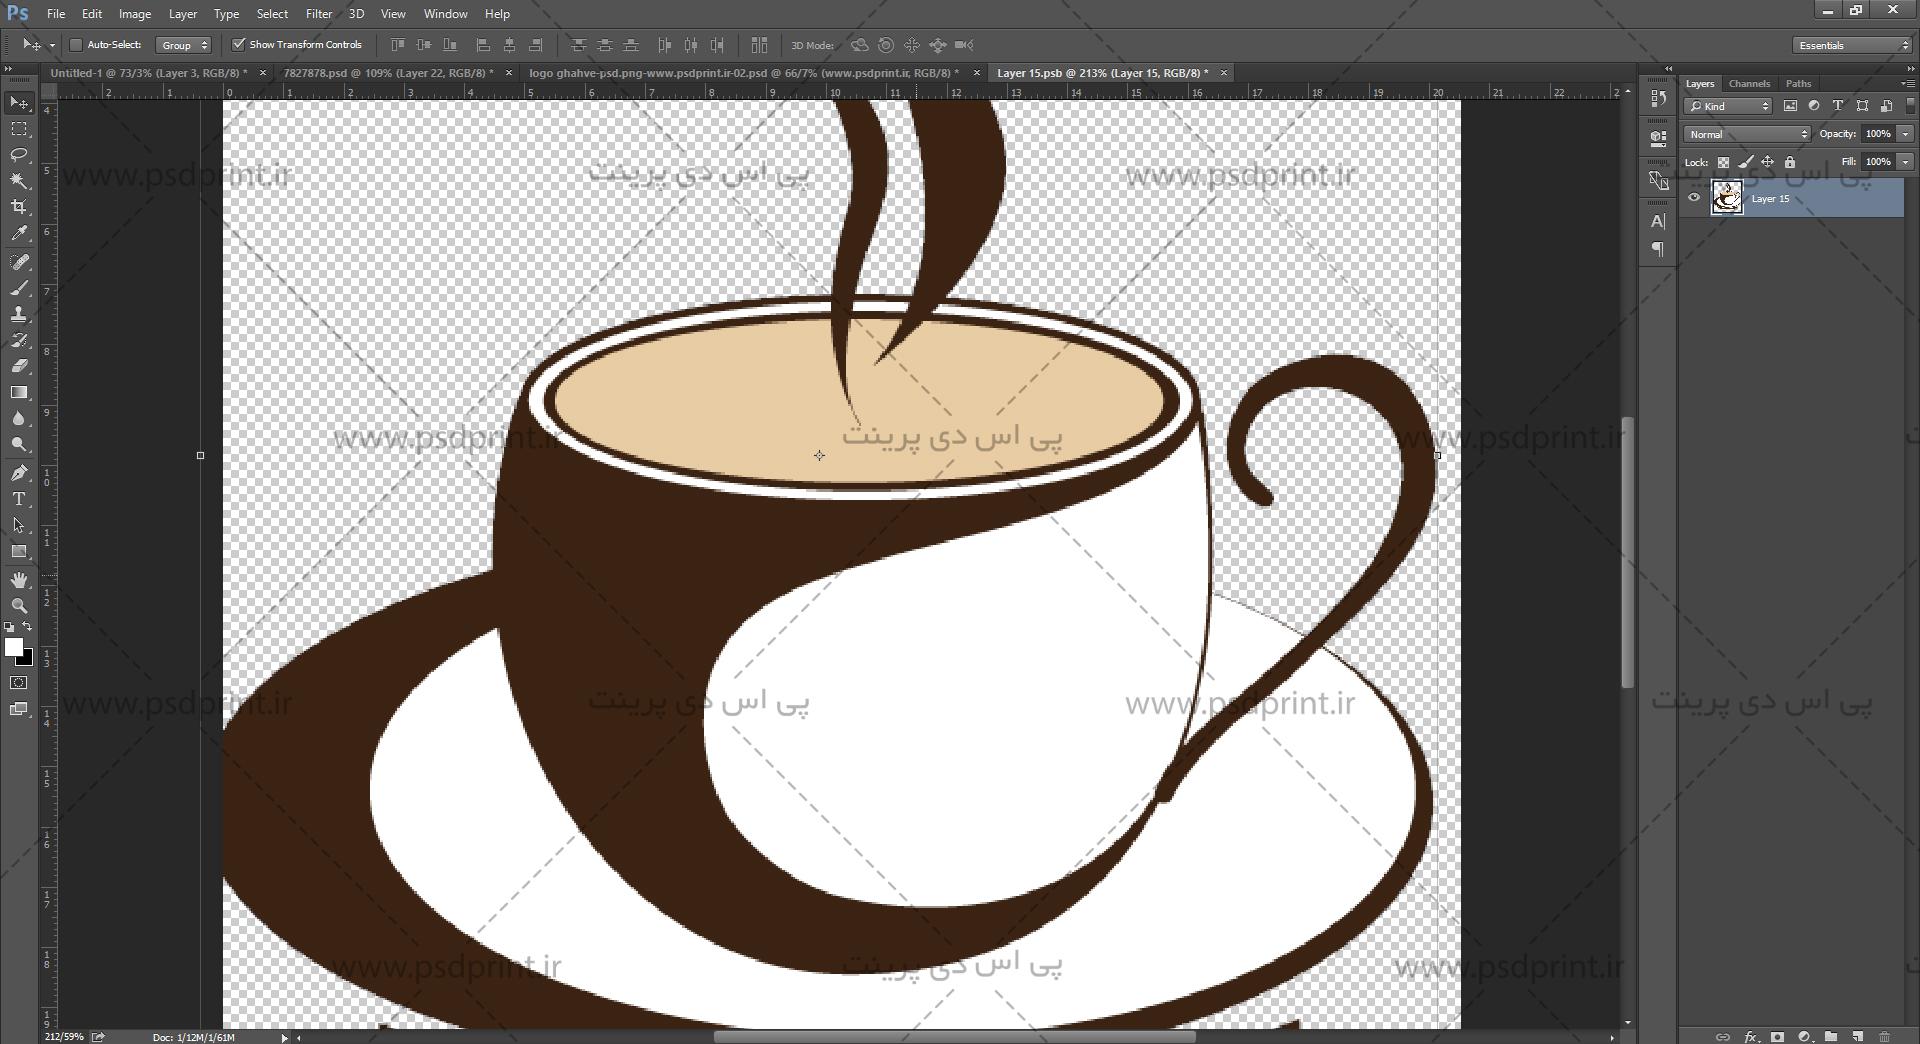 لوگوی لایه باز قهوه و کافی شاپ